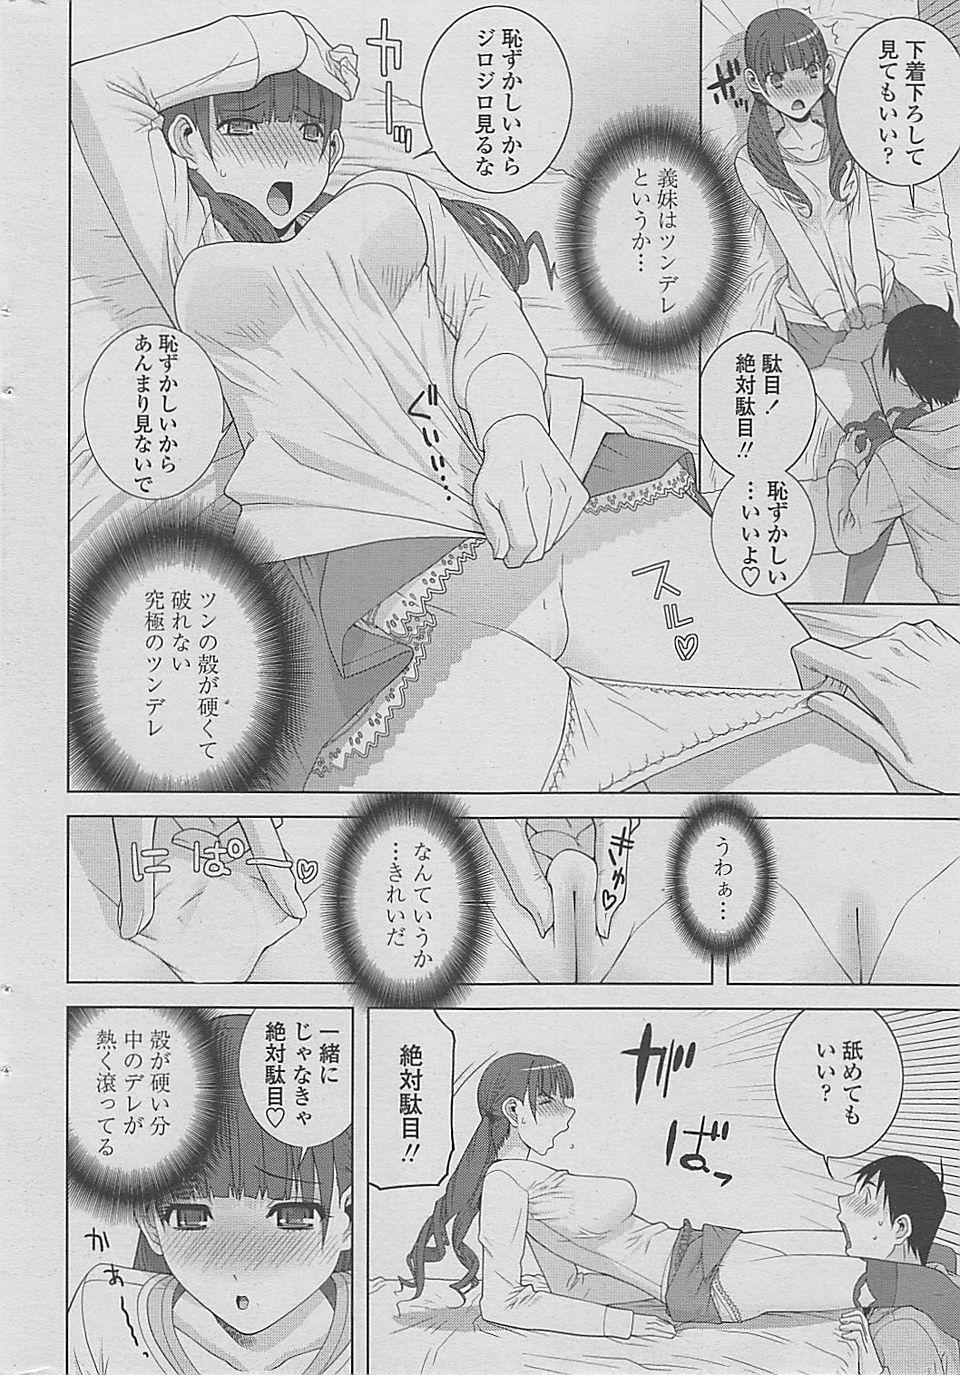 【エロ漫画・エロ同人誌】巨乳の義妹に催眠術かけてって言われたからかけてみたらかかったみたいwツンデレ全開になっちゃってセックスしちゃったwww (8)